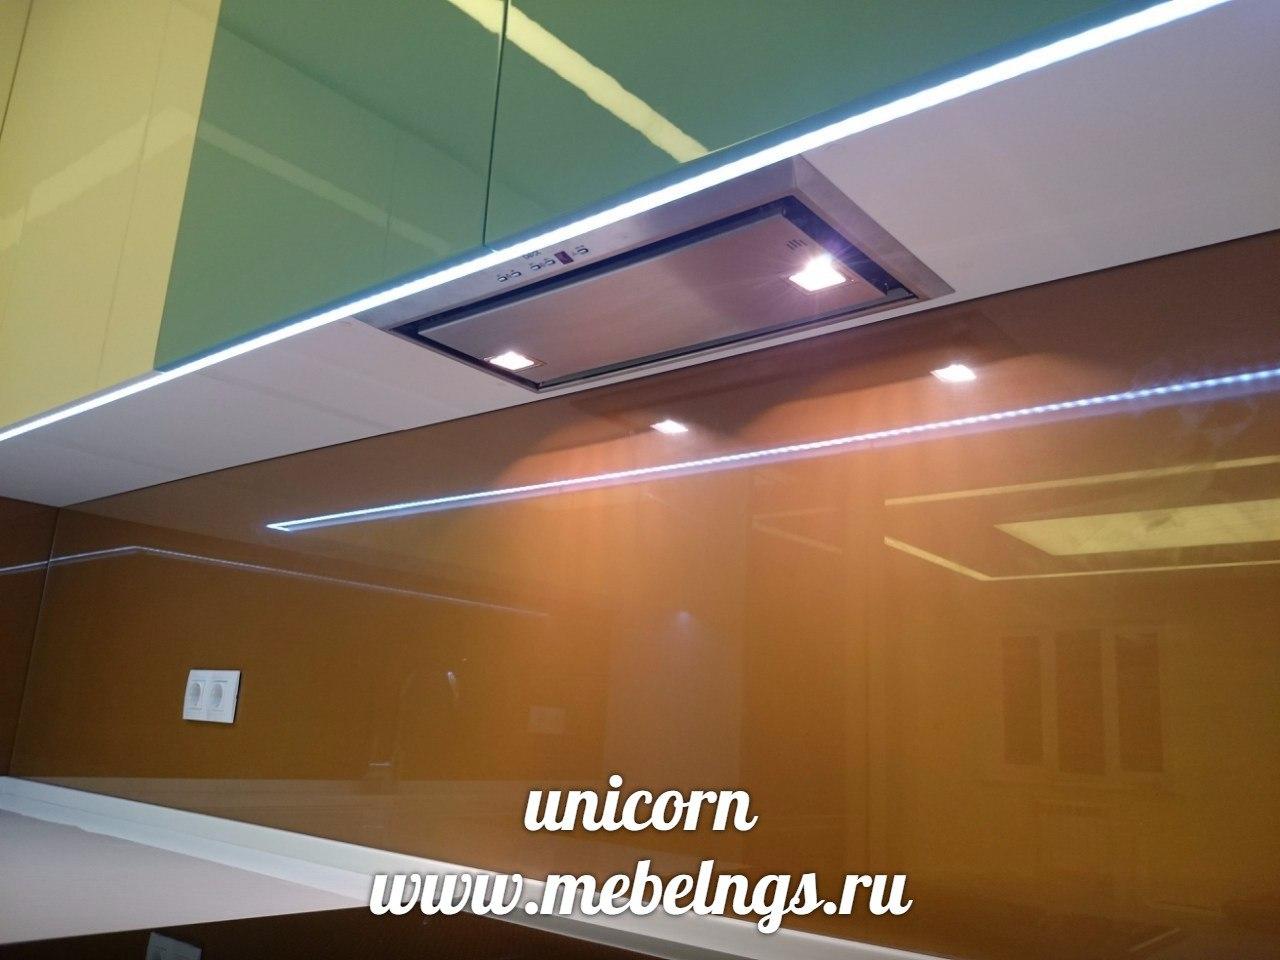 светодиодная подсветка в алюминиевом профиле на рабочую поверхность